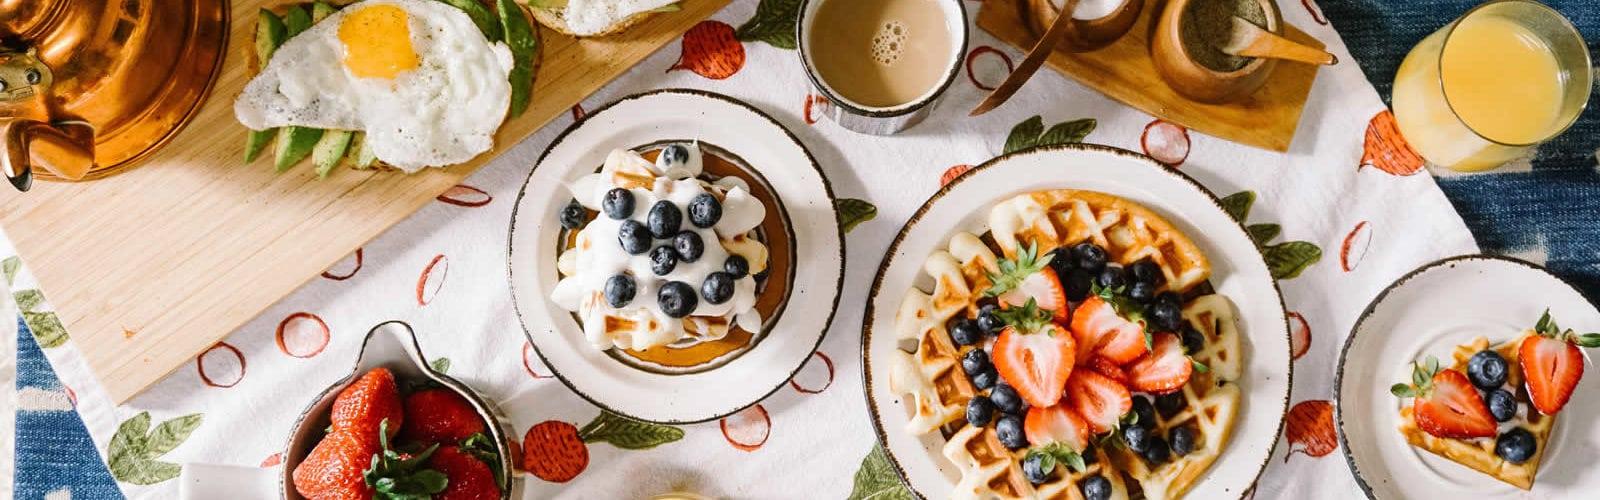 top-5-brunch-petit-dejeuner-restaurants-diapo-hp-fireworks-une